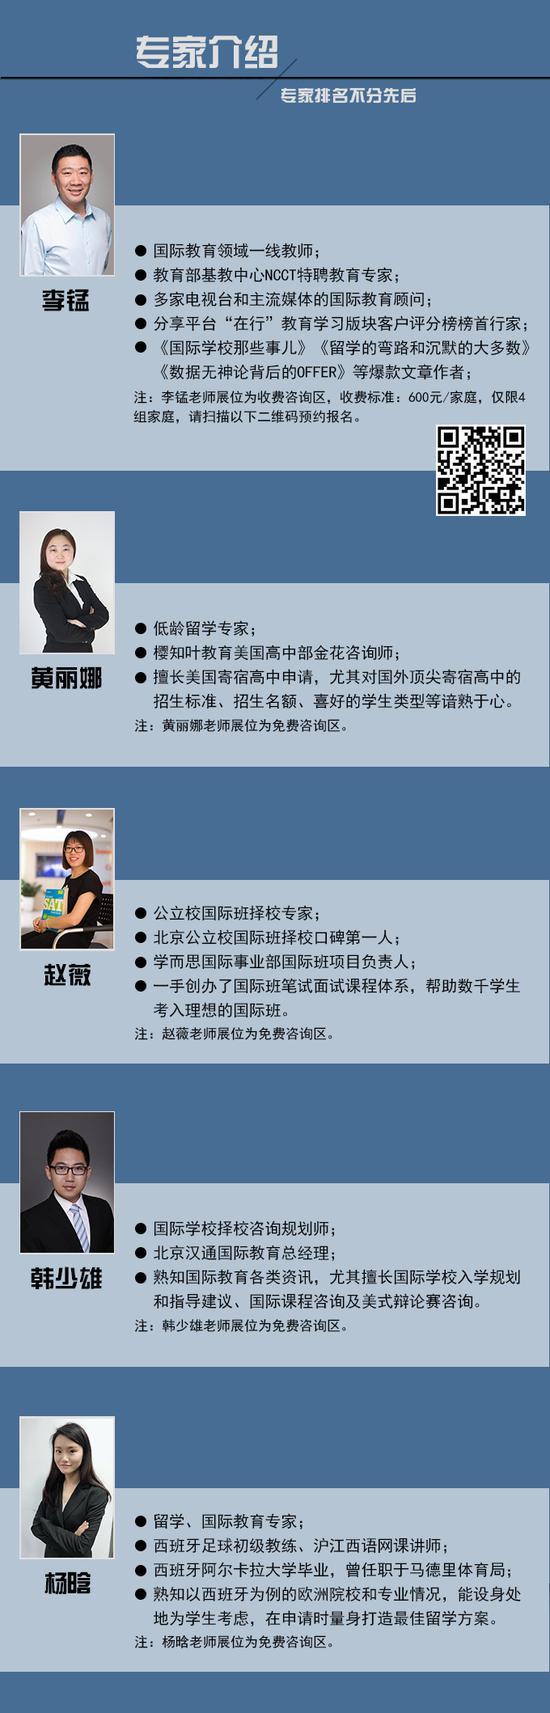 除了以上专家,您更可面对面与顶级私校、京城优质公办国际班招生官一对一聊择校。